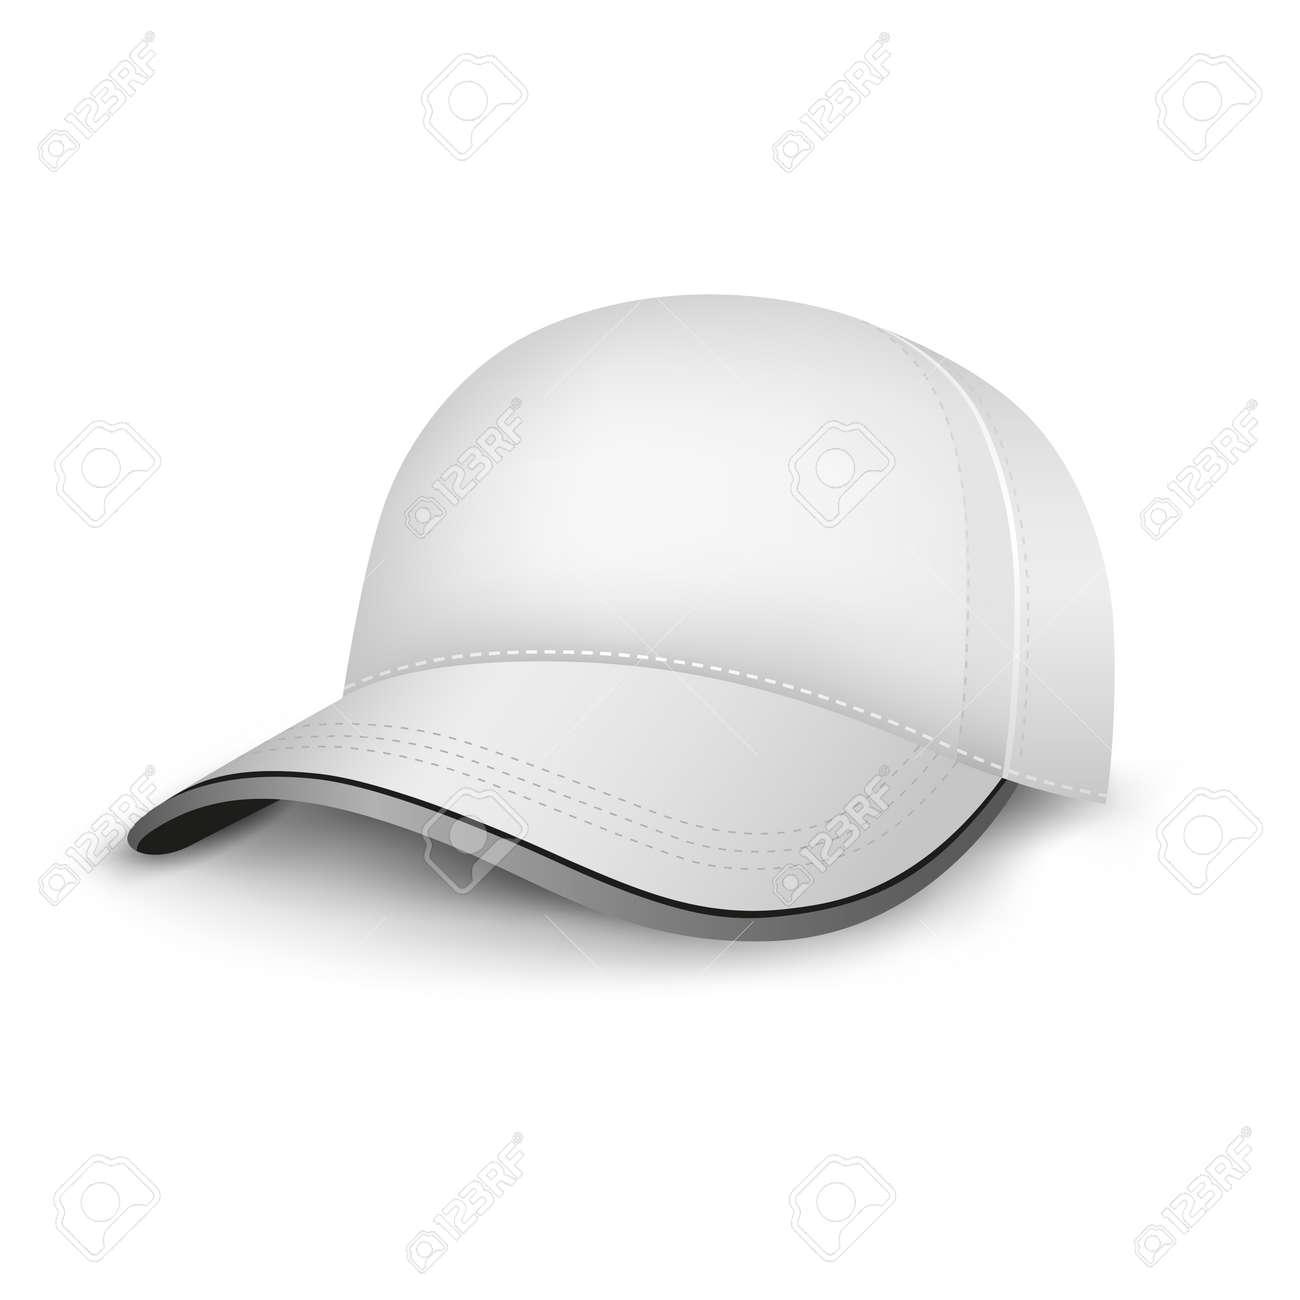 Foto de archivo - La malla gorra blanca plantilla vacía en el fondo blanco 8a13c79179a